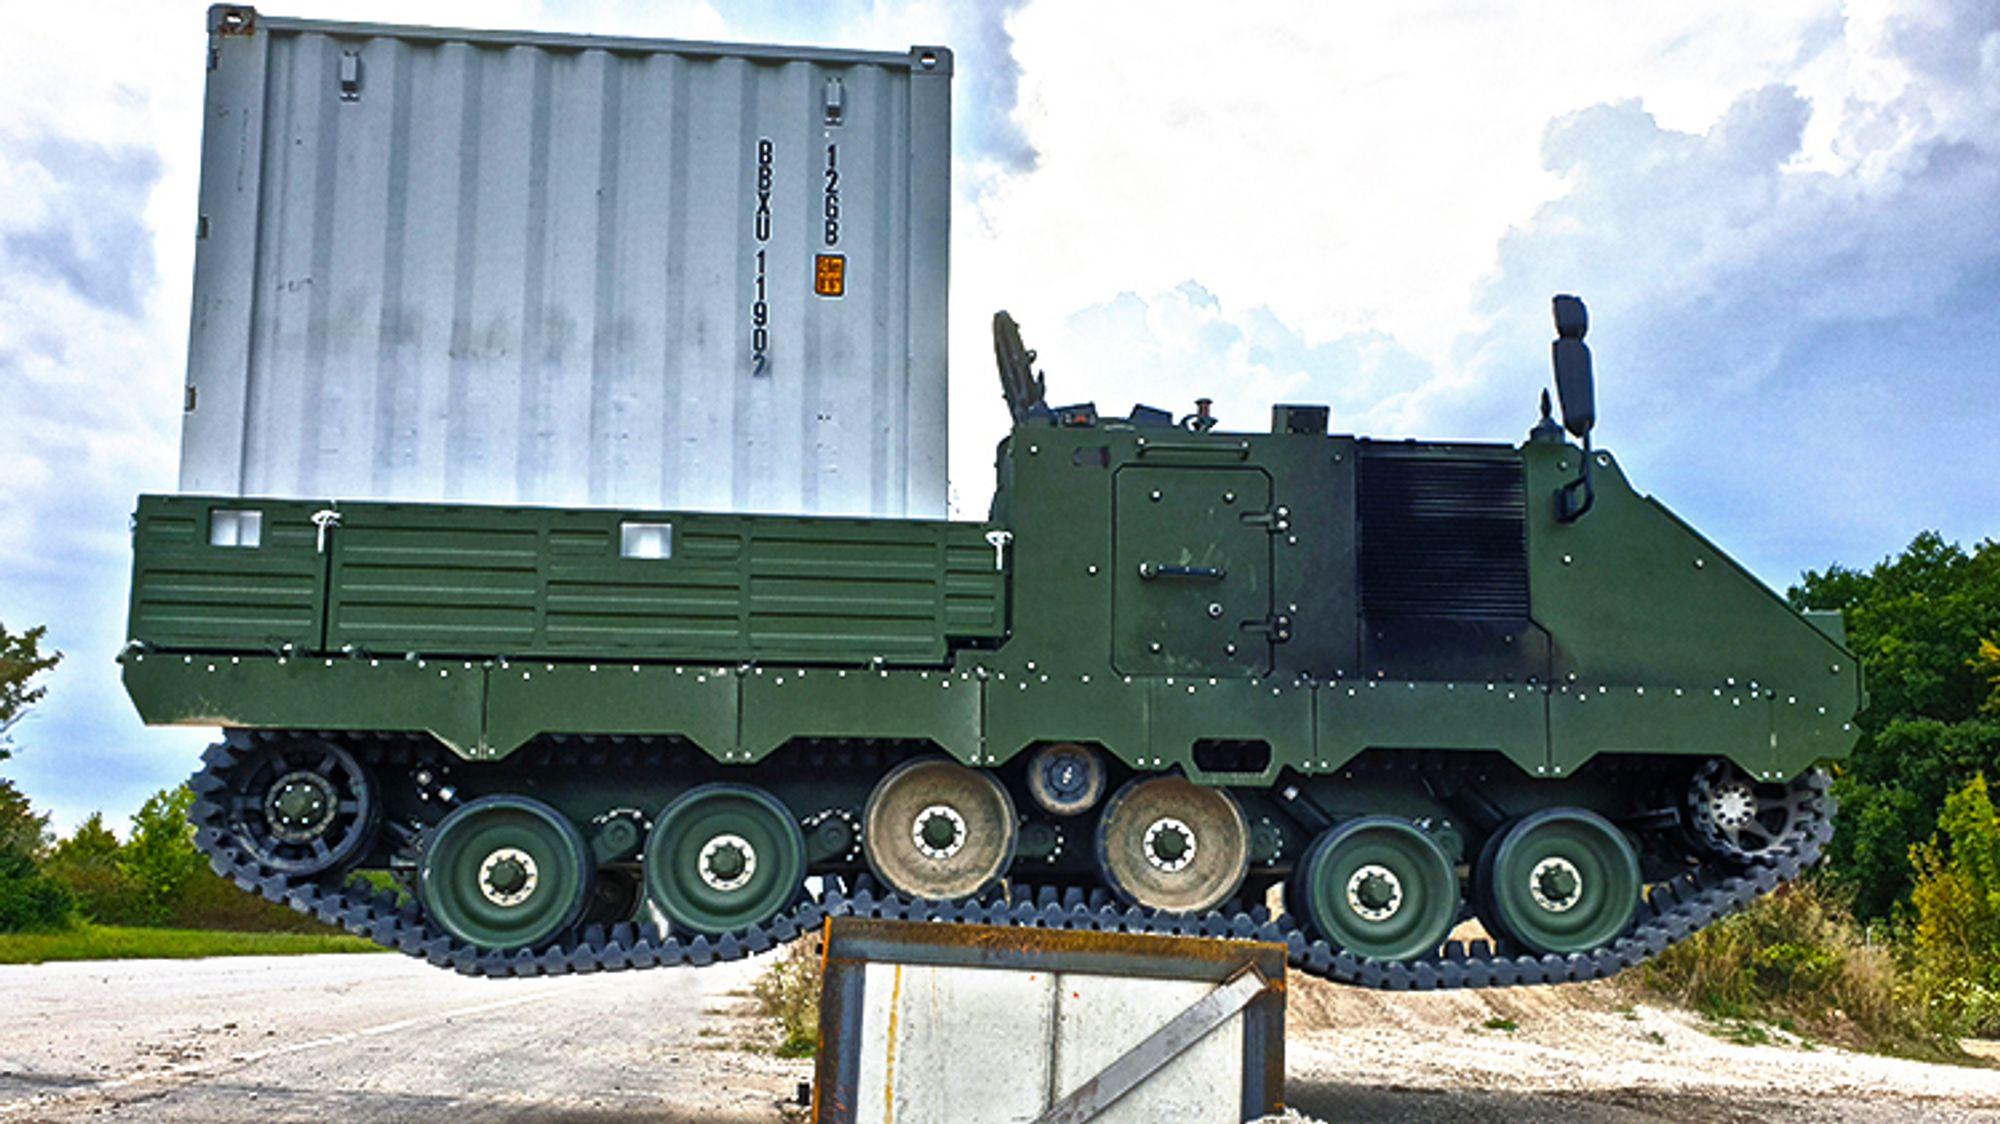 Testing av den siste ACSV G5-prototypen hos FFG i Tyskland i 2020. De første to serieproduserte eksemplarene skal leveres i år, mens resten av vognene skal produseres av Ritek i Norge.